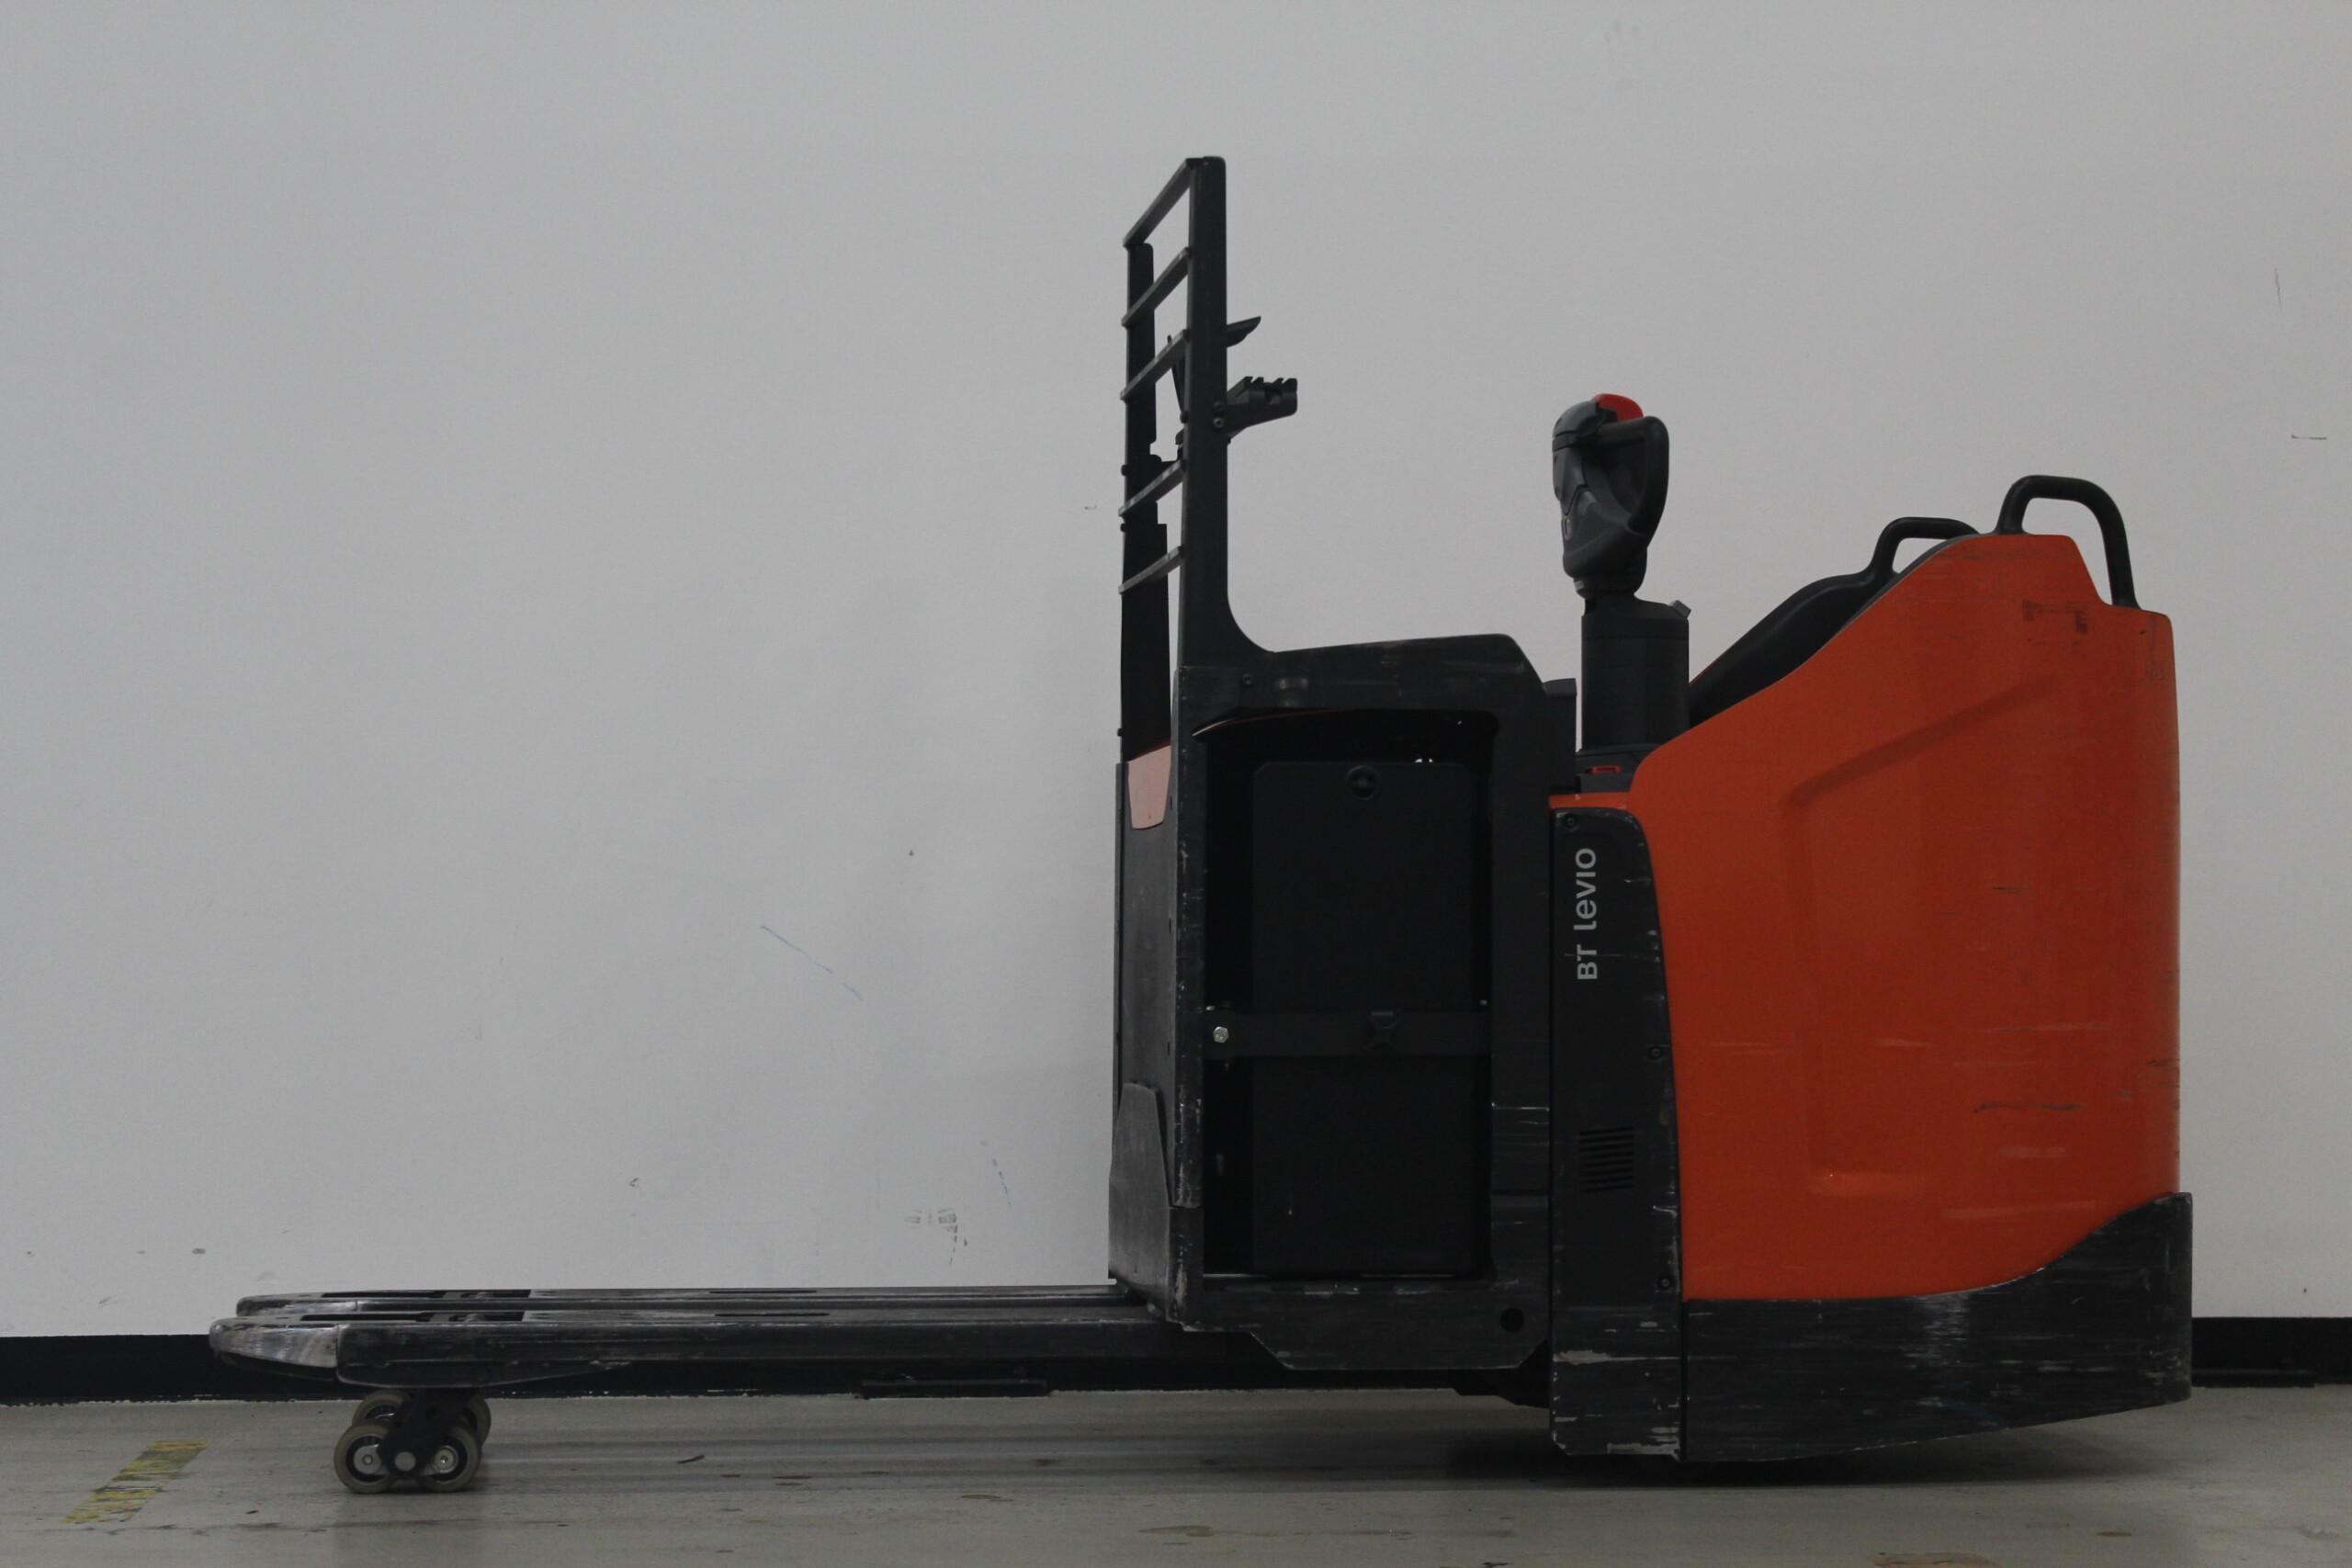 Toyota-Gabelstapler-59840 1805026638 1 49 scaled